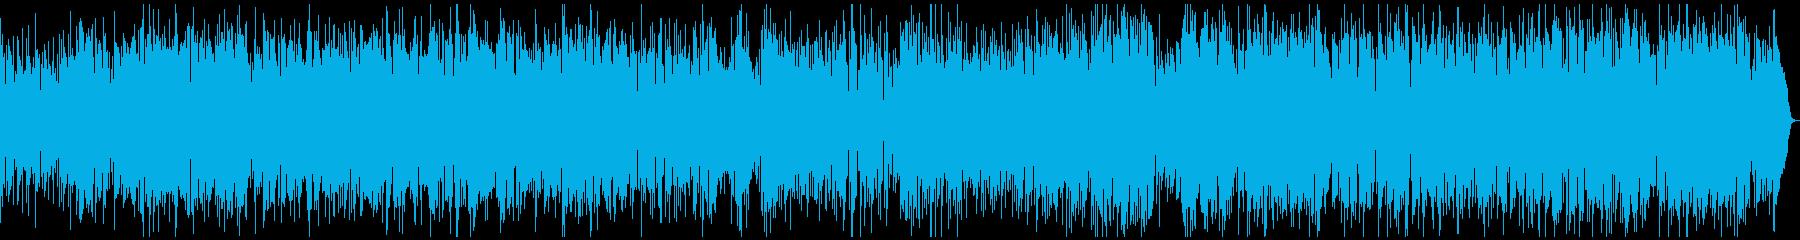 アップテンポな明るいボサノバの再生済みの波形